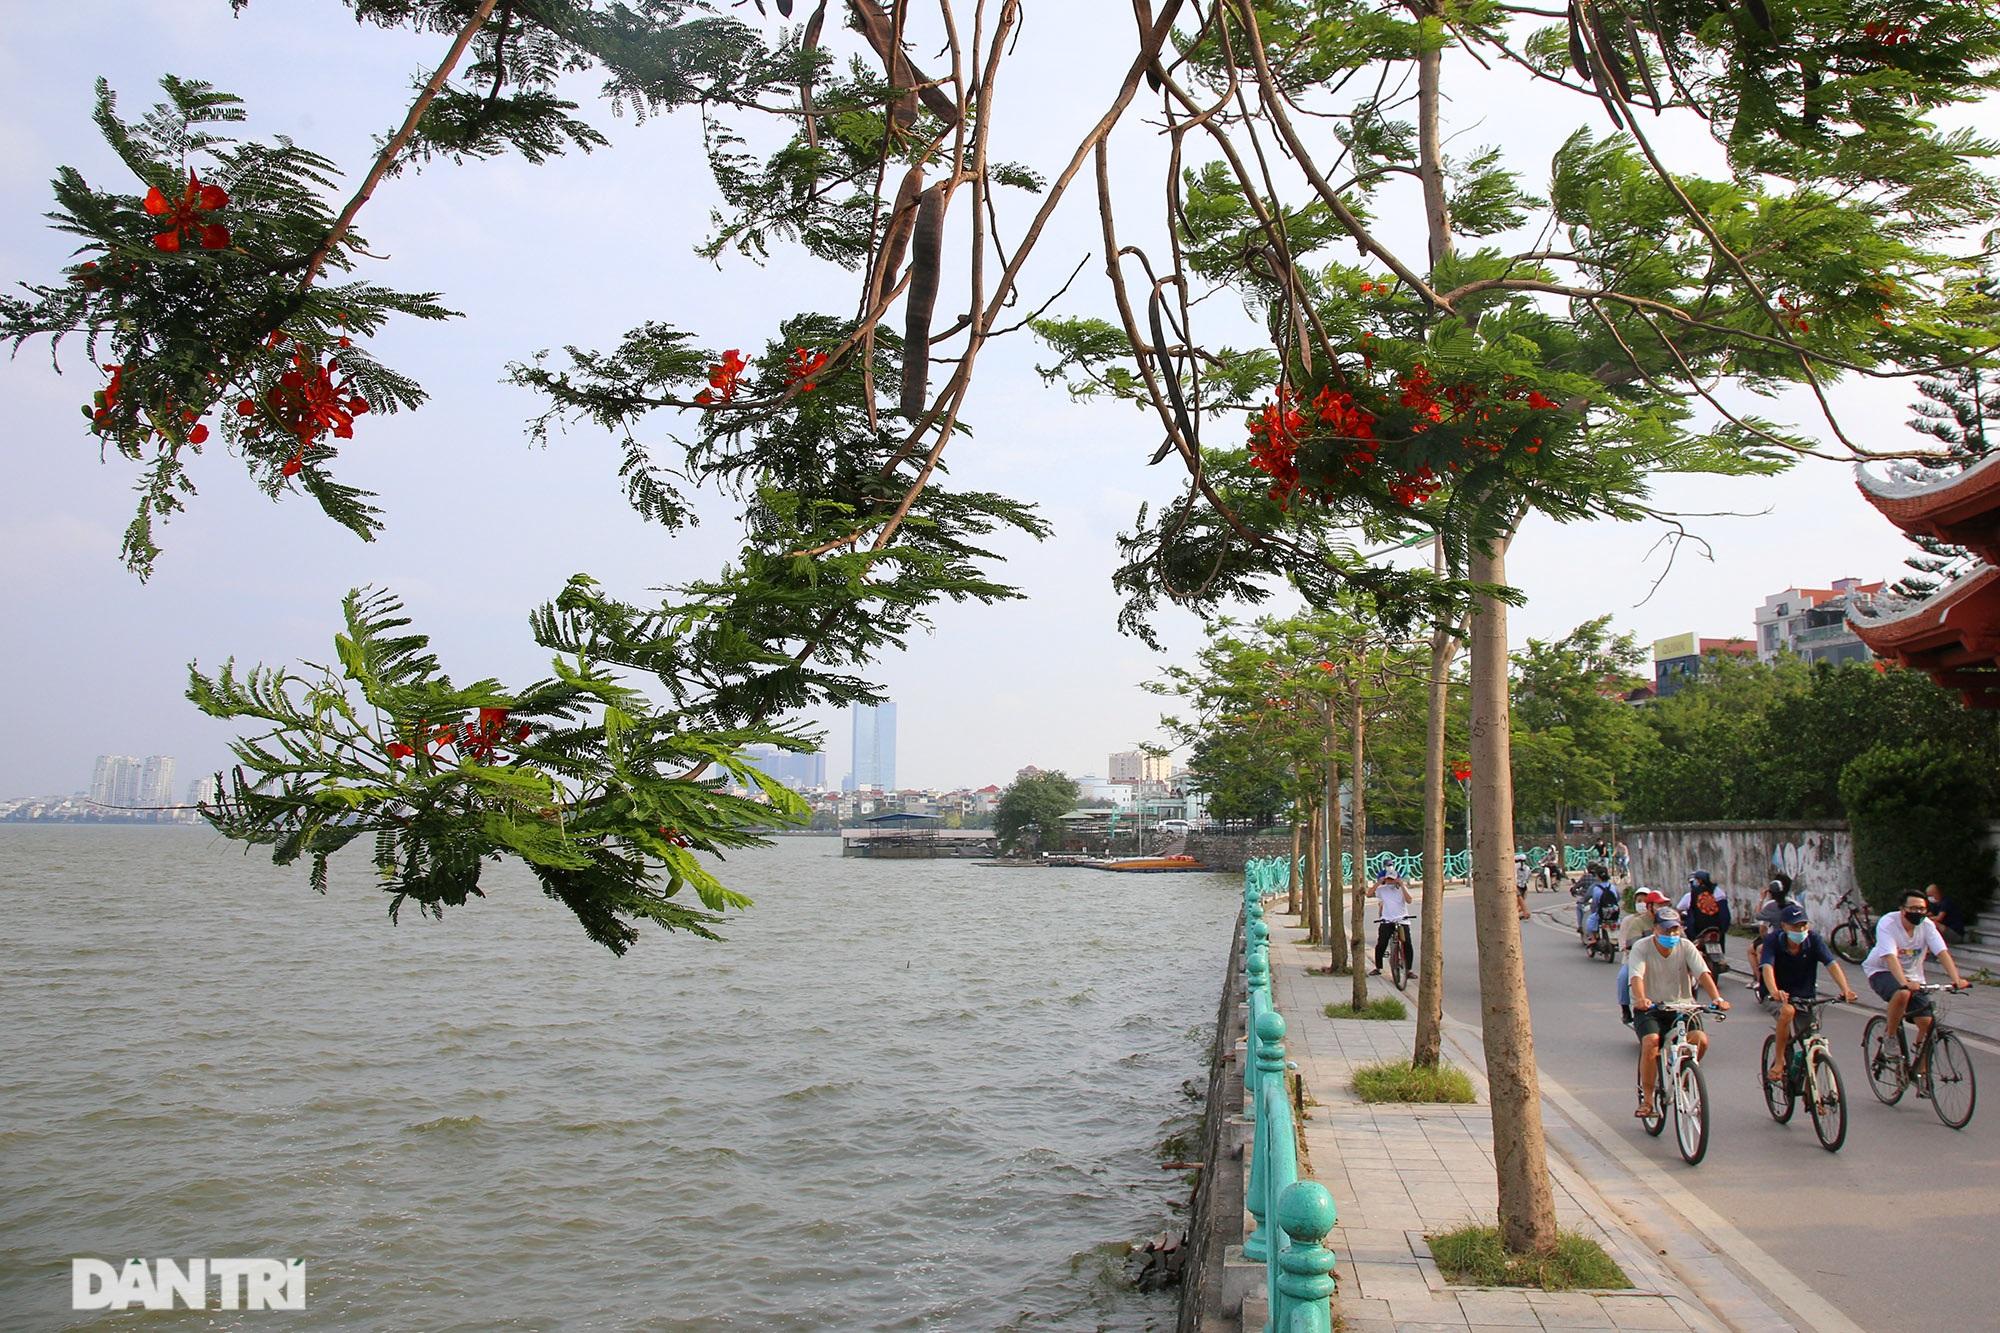 Mùa hoa phượng vĩ bắt đầu nở đẹp khắp phố phường Hà Nội - 4